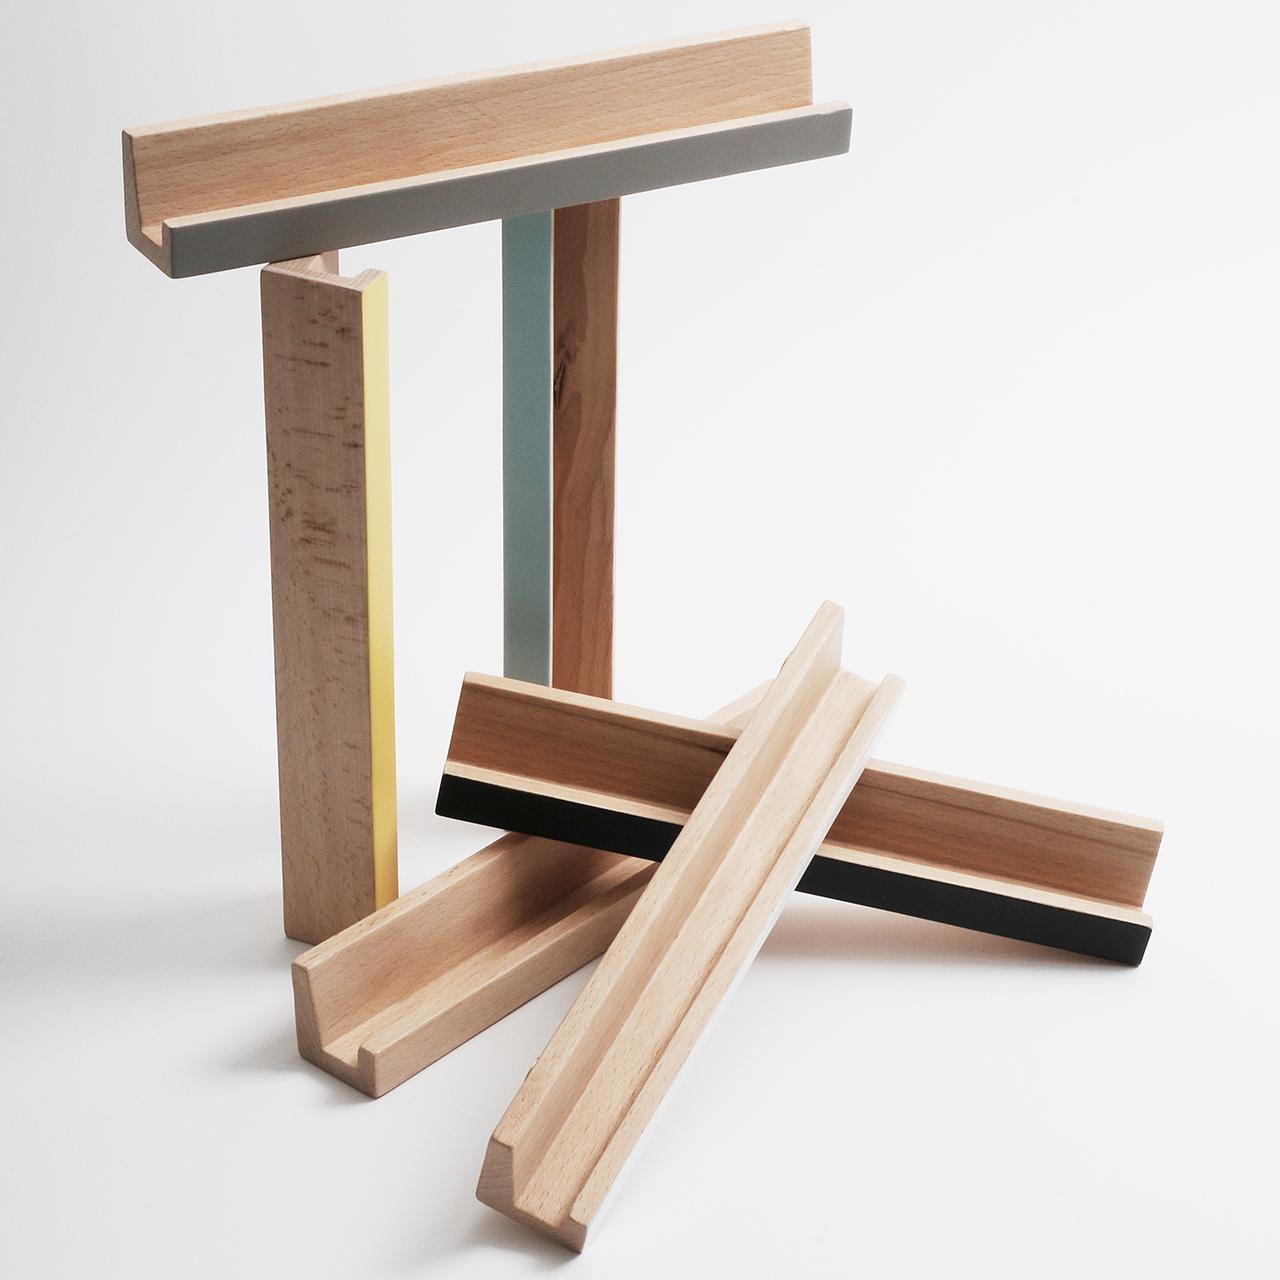 Floating shelves, wall mounted shelves